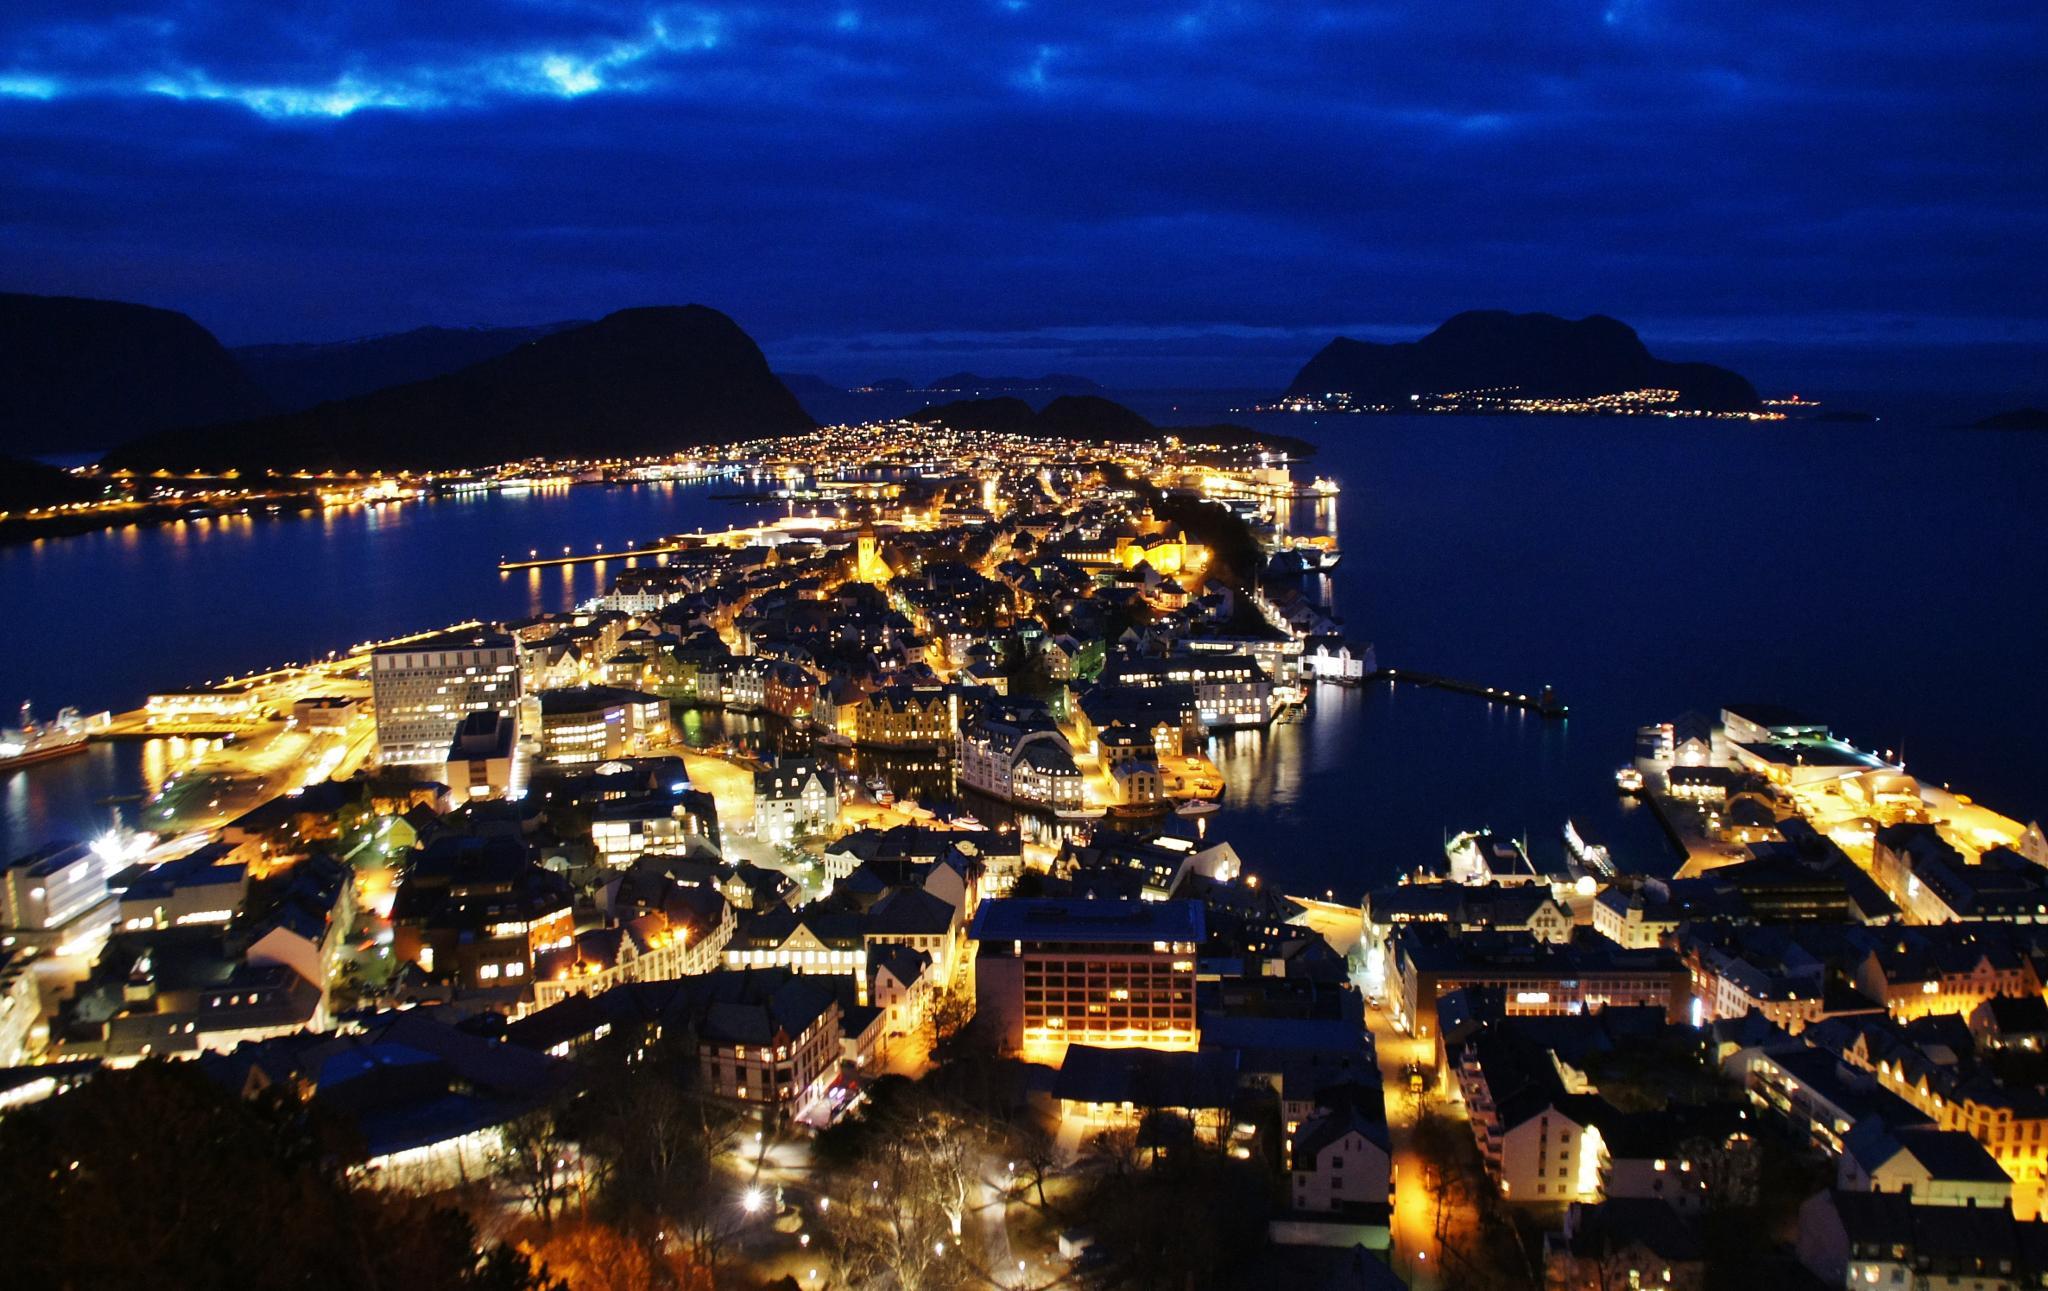 Ålesund by night. by Elisabeth Tennøy